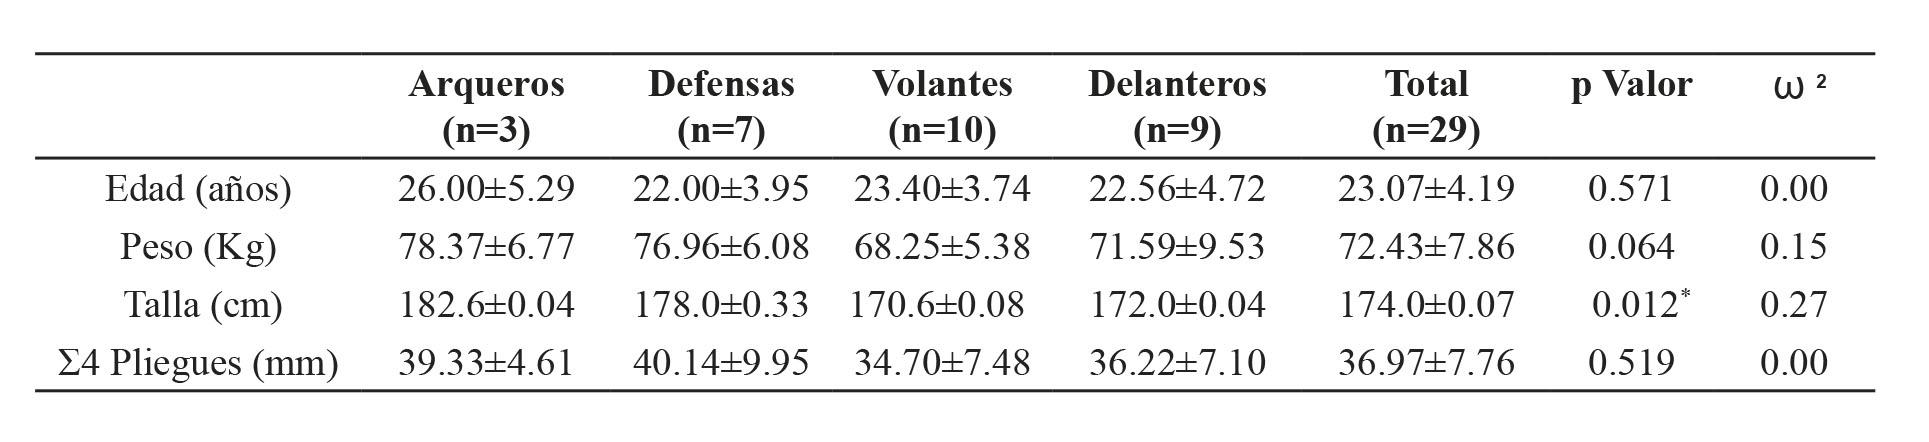 Estadísticas descriptivas (M ± DE) de los deportistas, según la posición de juego